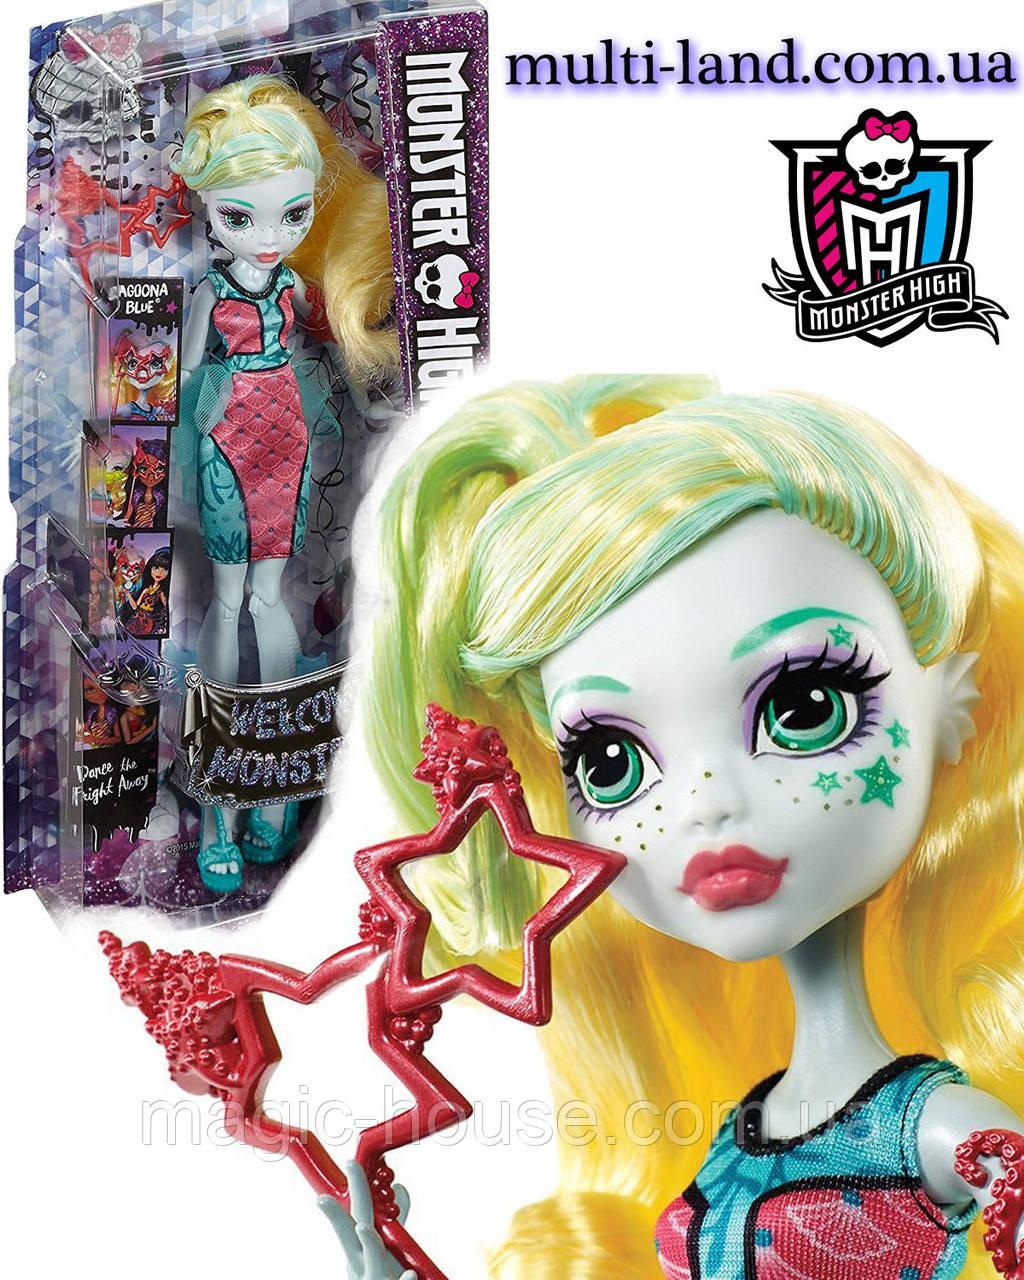 Лагуна Блю Кукла Монстер Хай серии Школа Монстров Танец без страха, Monster High Dance The Fright Away Lagoona